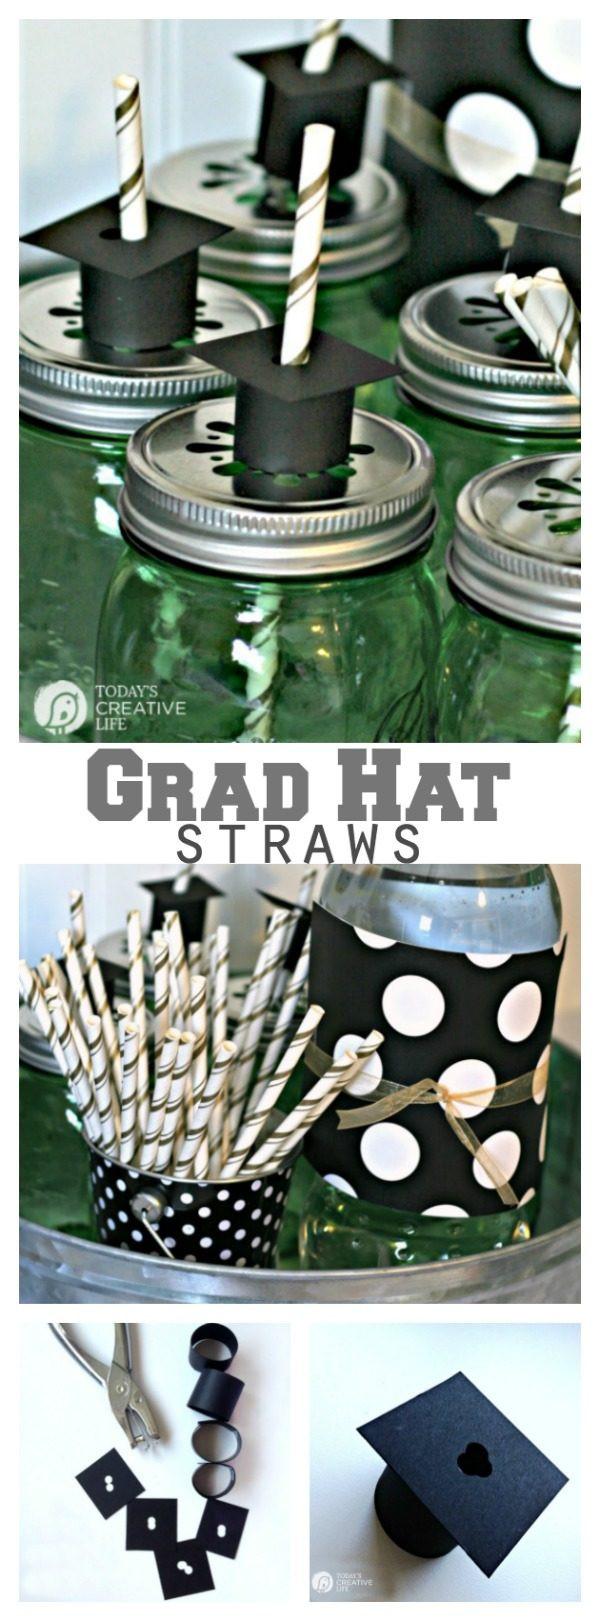 High School Graduation Party Ideas  High School Graduation Party Ideas